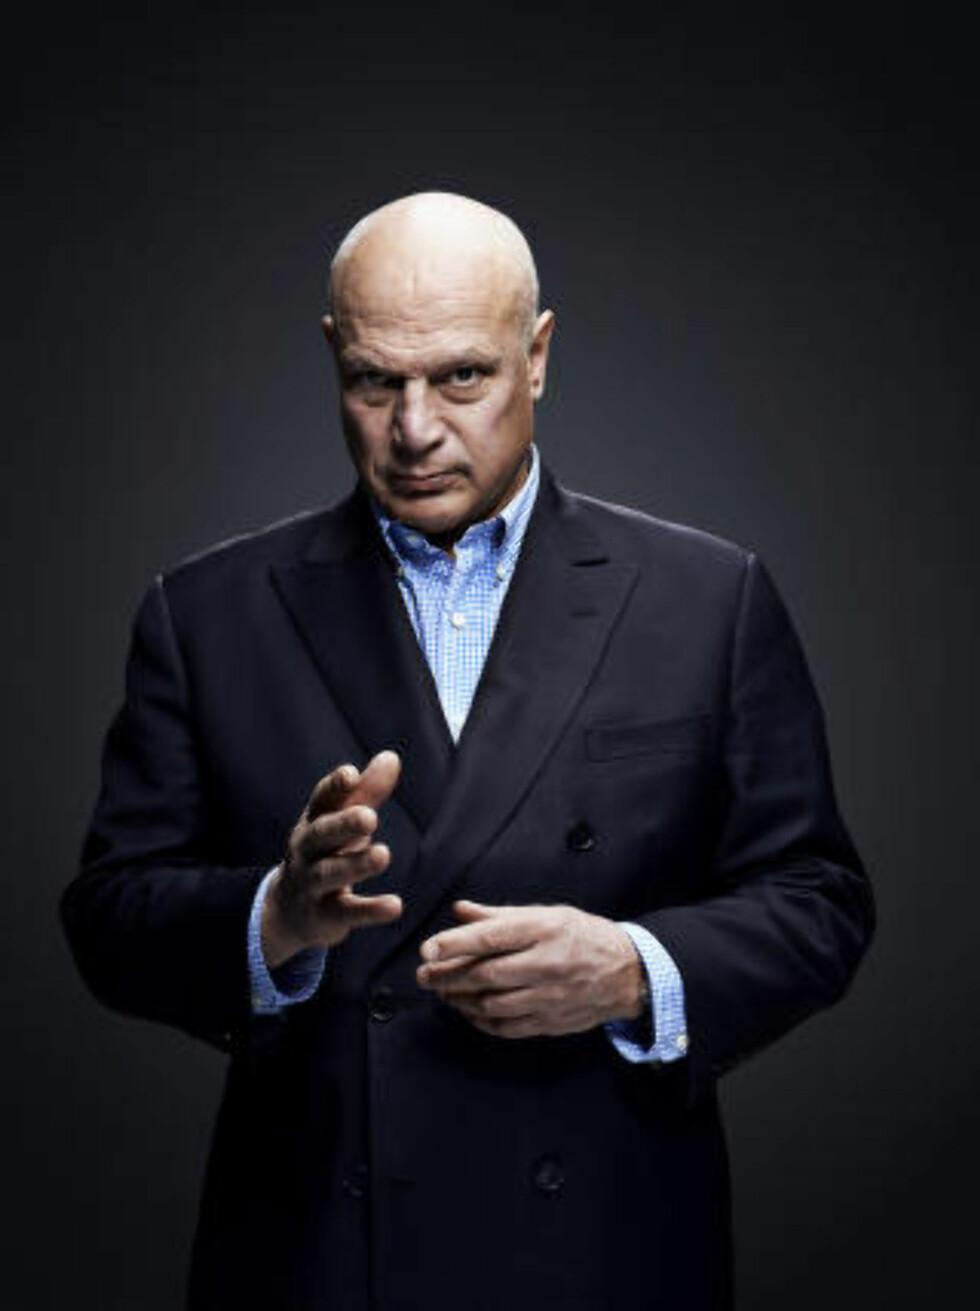 SKAPT DEBATT: Programleder Robert Aschberg har identifisert og konfrontert svenske nett-troll i beste sendetid på tv. Foto: TV3